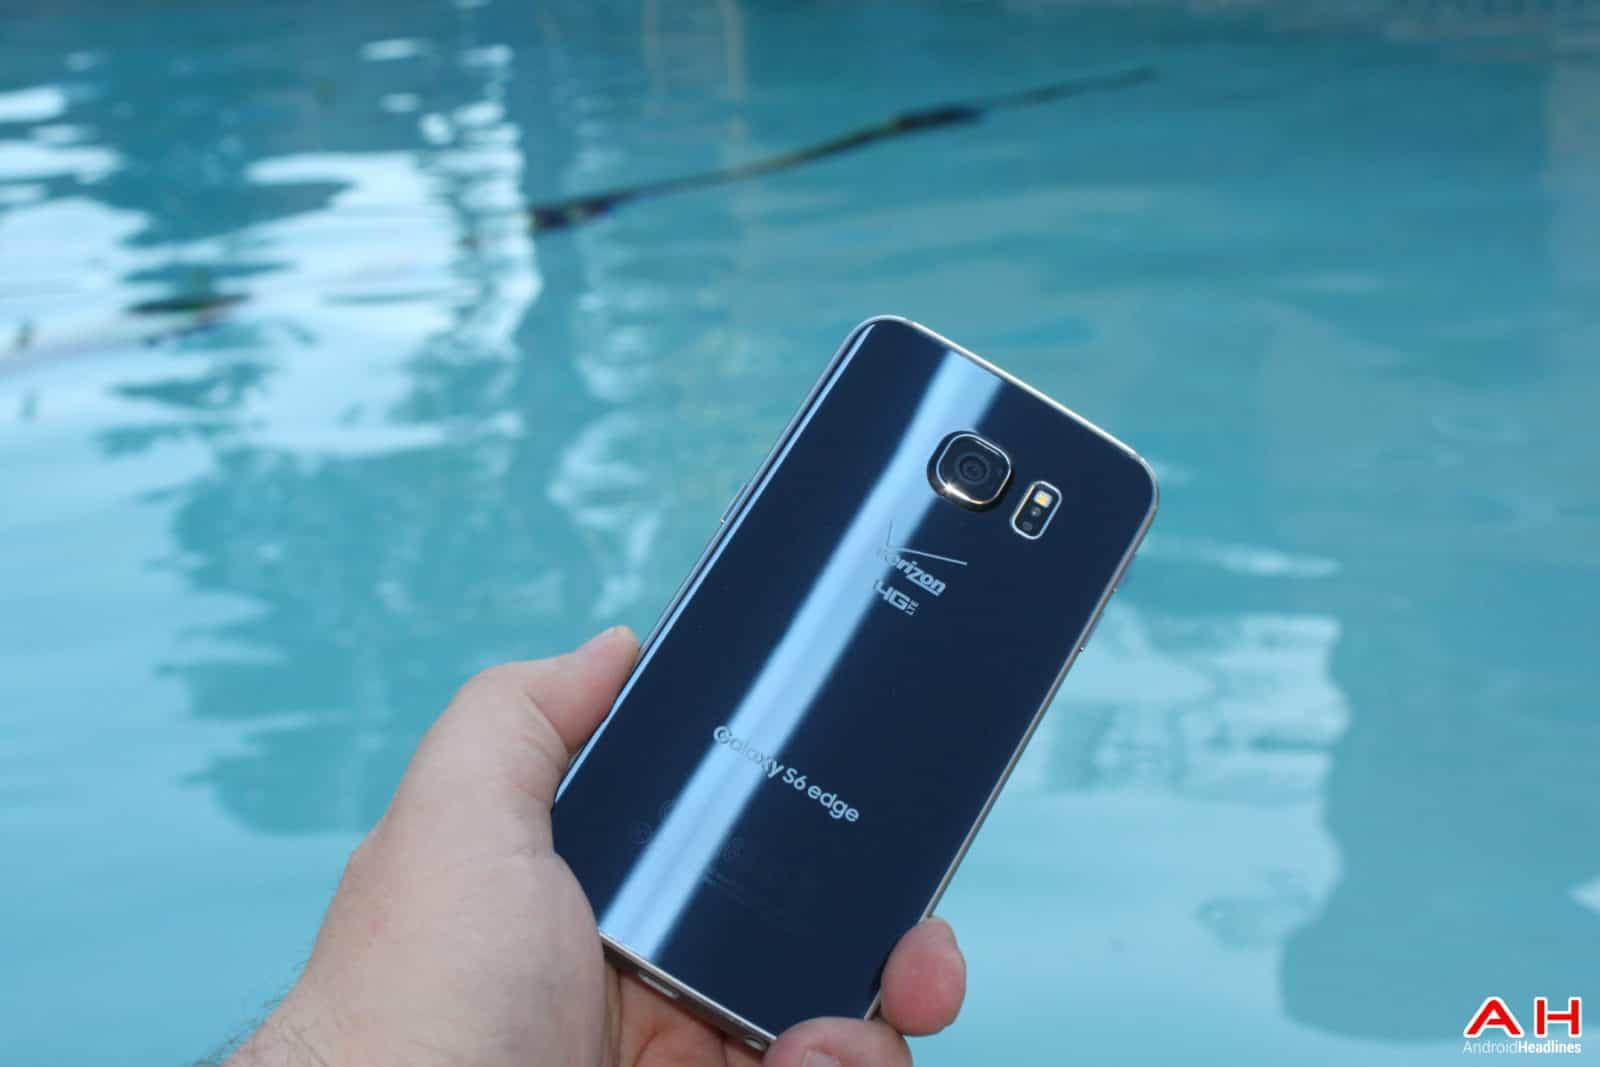 AH Samsung Galaxy S6 Edge Series 4 June 30th-21